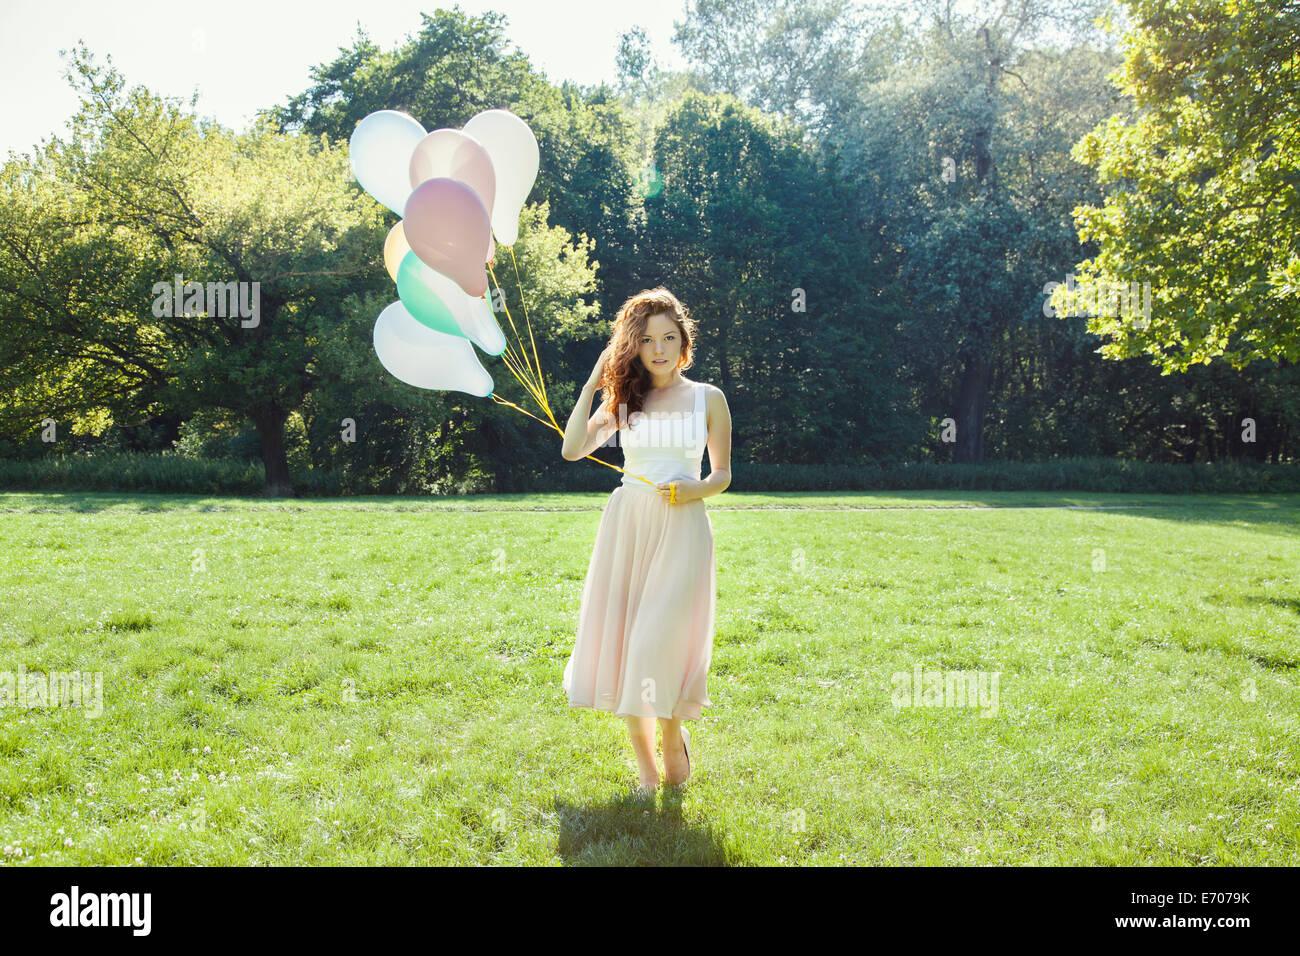 Ritratto di shy giovane donna in stazionamento tenendo un grappolo di palloncini Immagini Stock